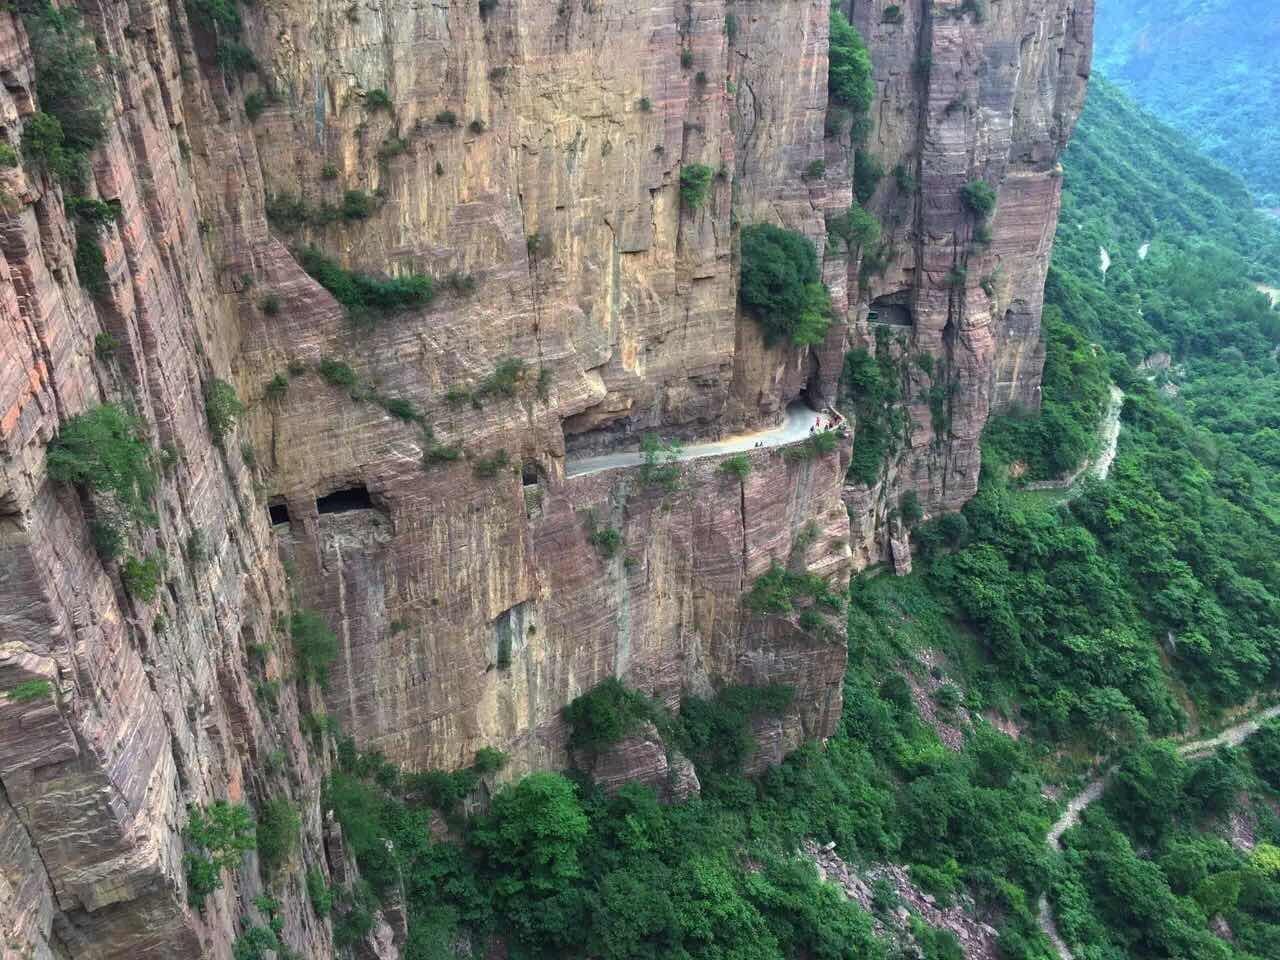 上天入地,穿越挂壁,看天鹅,逛地坑,豫晋两省美食之旅